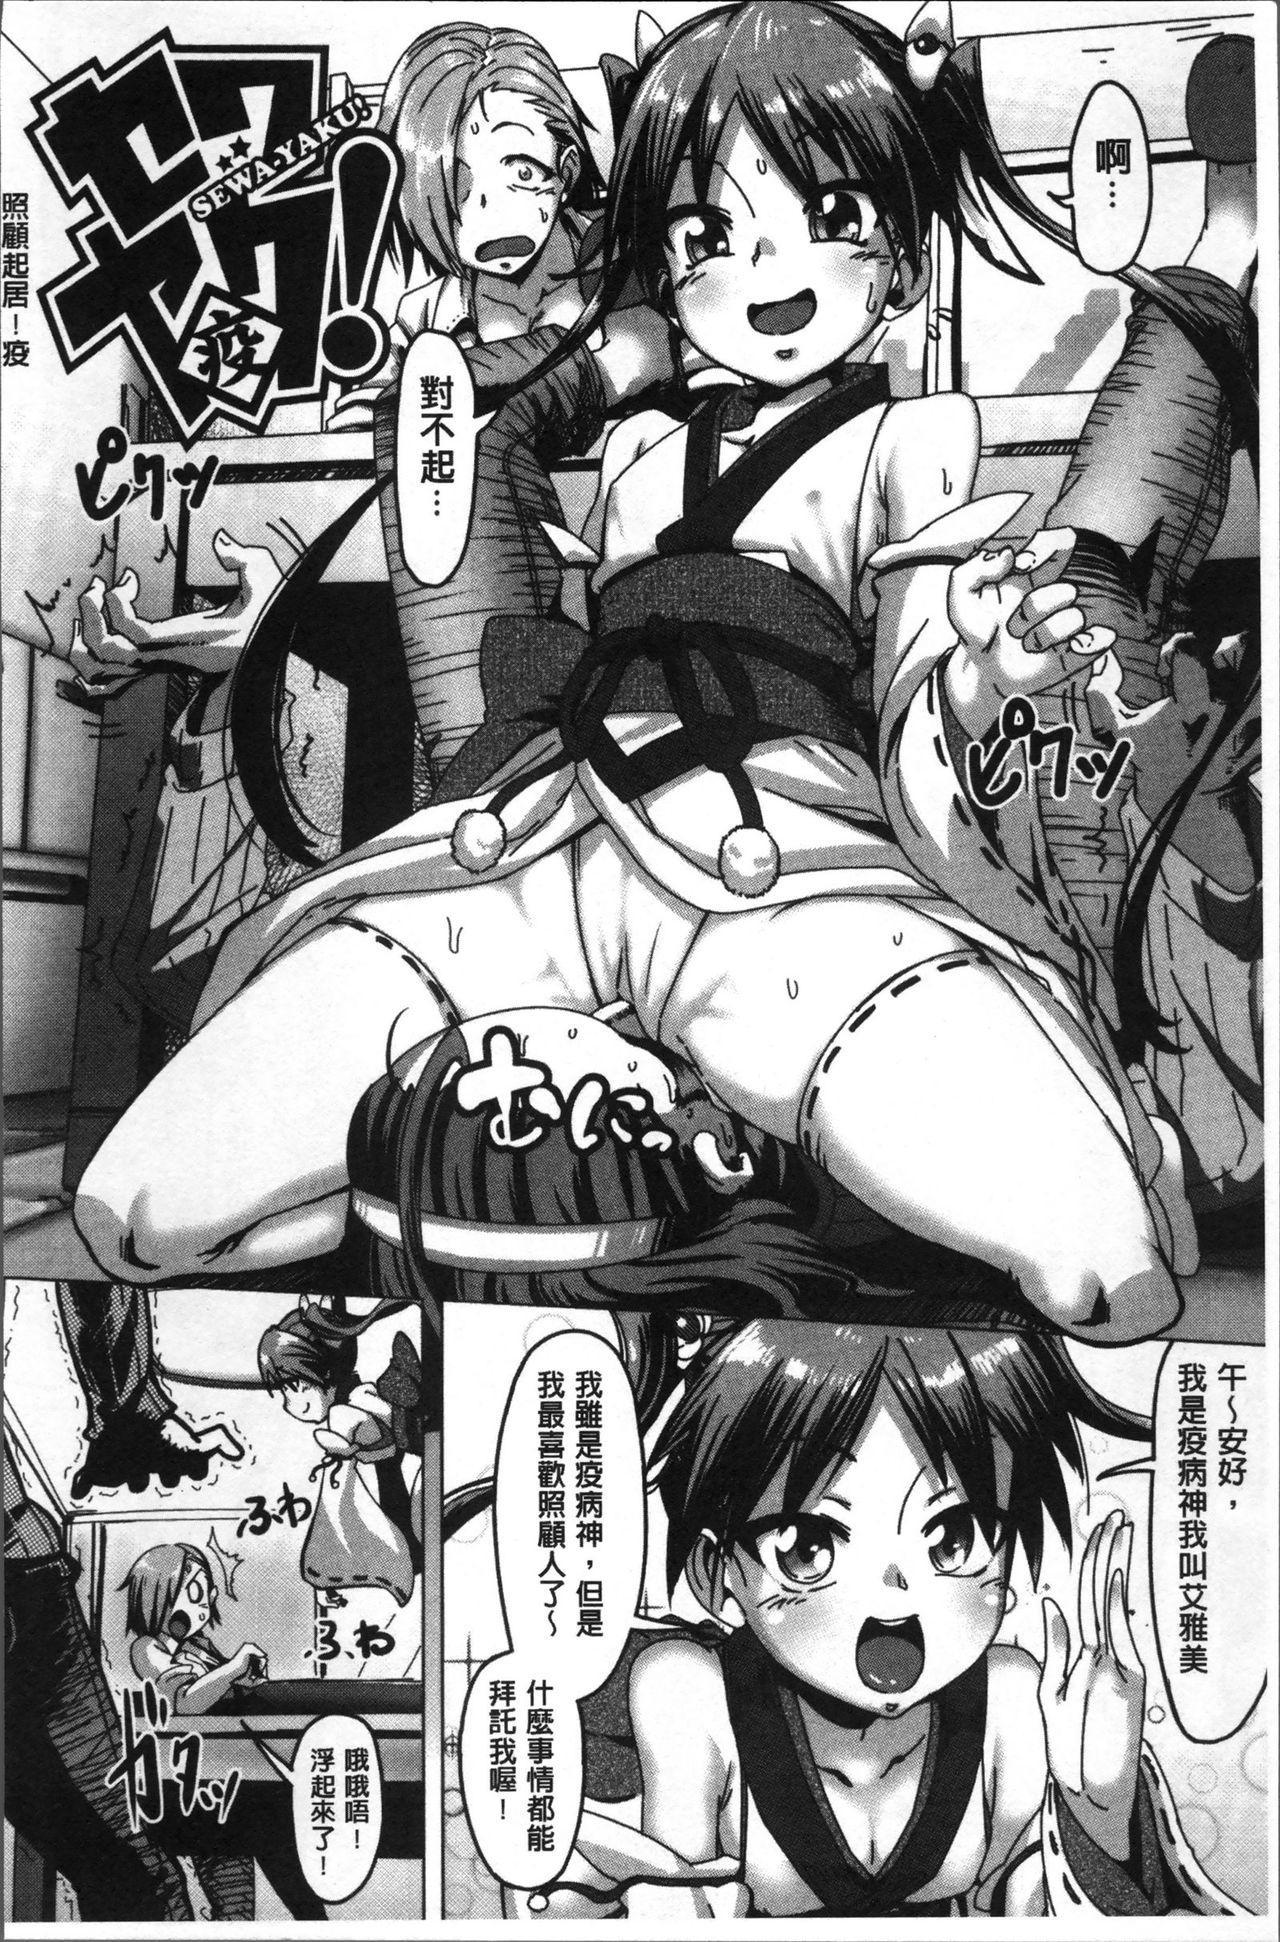 Nee,... Shiyo 200